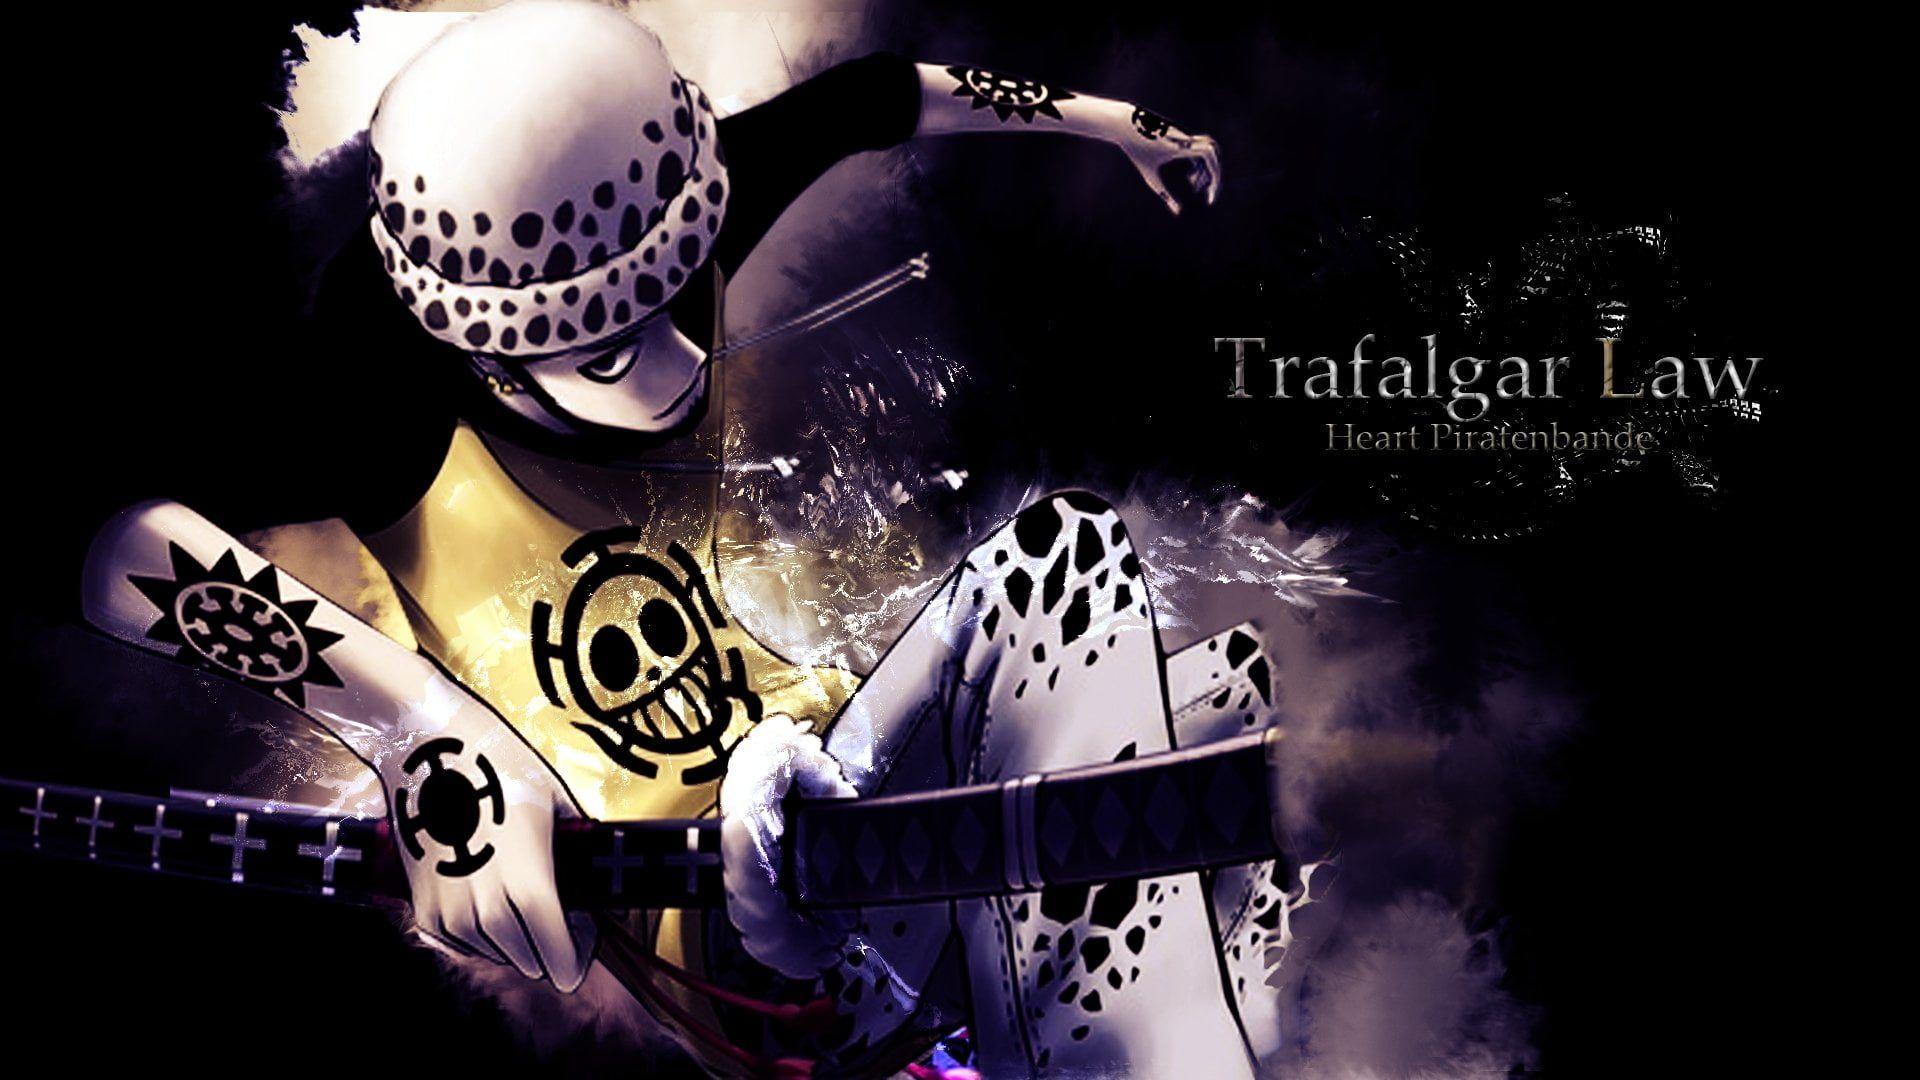 Trafalgar Law Illustration Anime One Piece Trafalgar Law 1080p Wallpaper Hdwallpaper Desktop Trafalgar Law Wallpapers Trafalgar Wallpaper One Piece